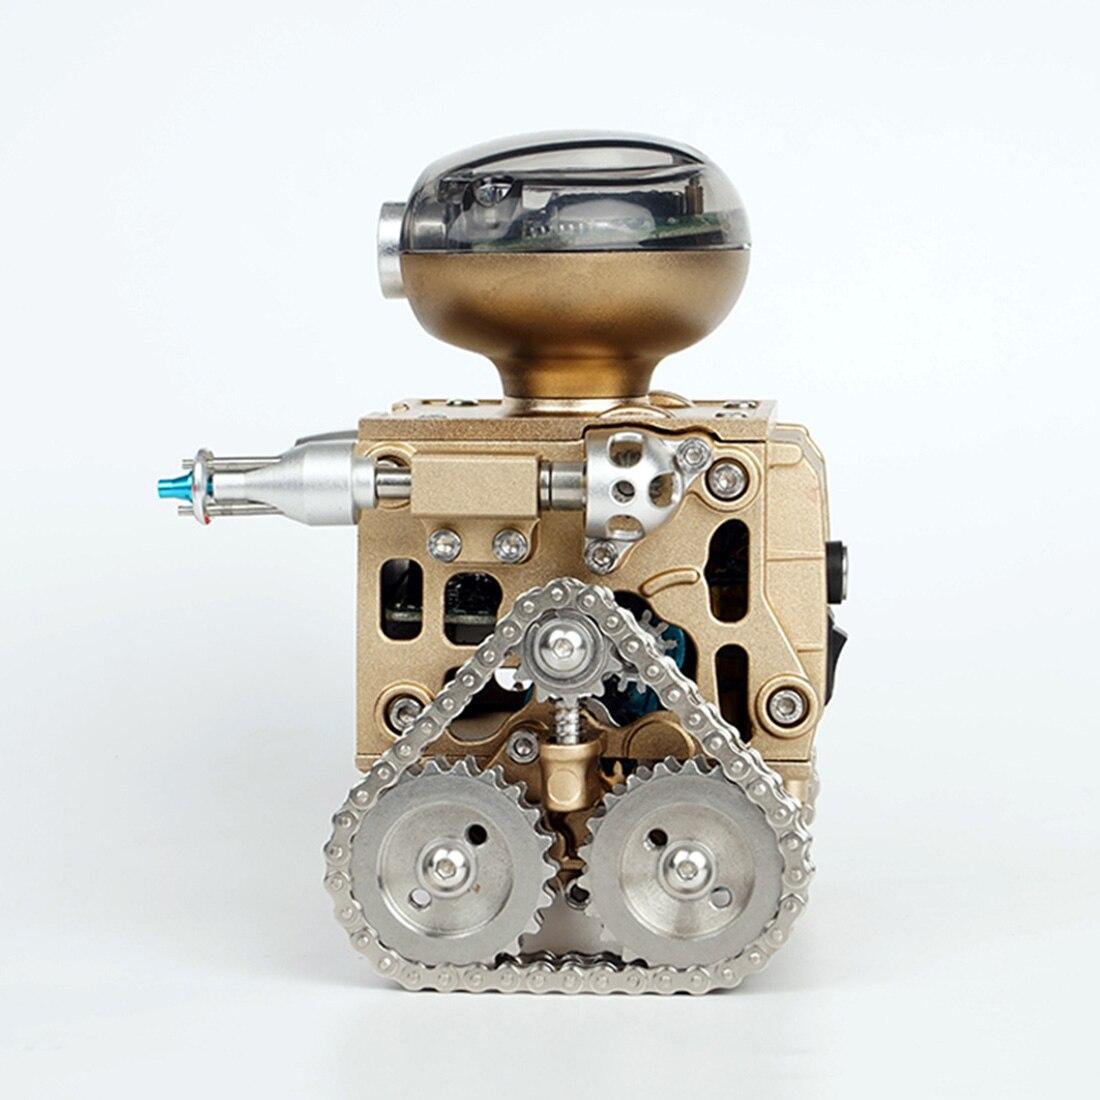 DIY Metall Intelligente Fernbedienung Smart Roboter Montage Pädagogische Modell Gebäude Spielzeug Geburtstag Geschenk für Junge Über 10 - 5